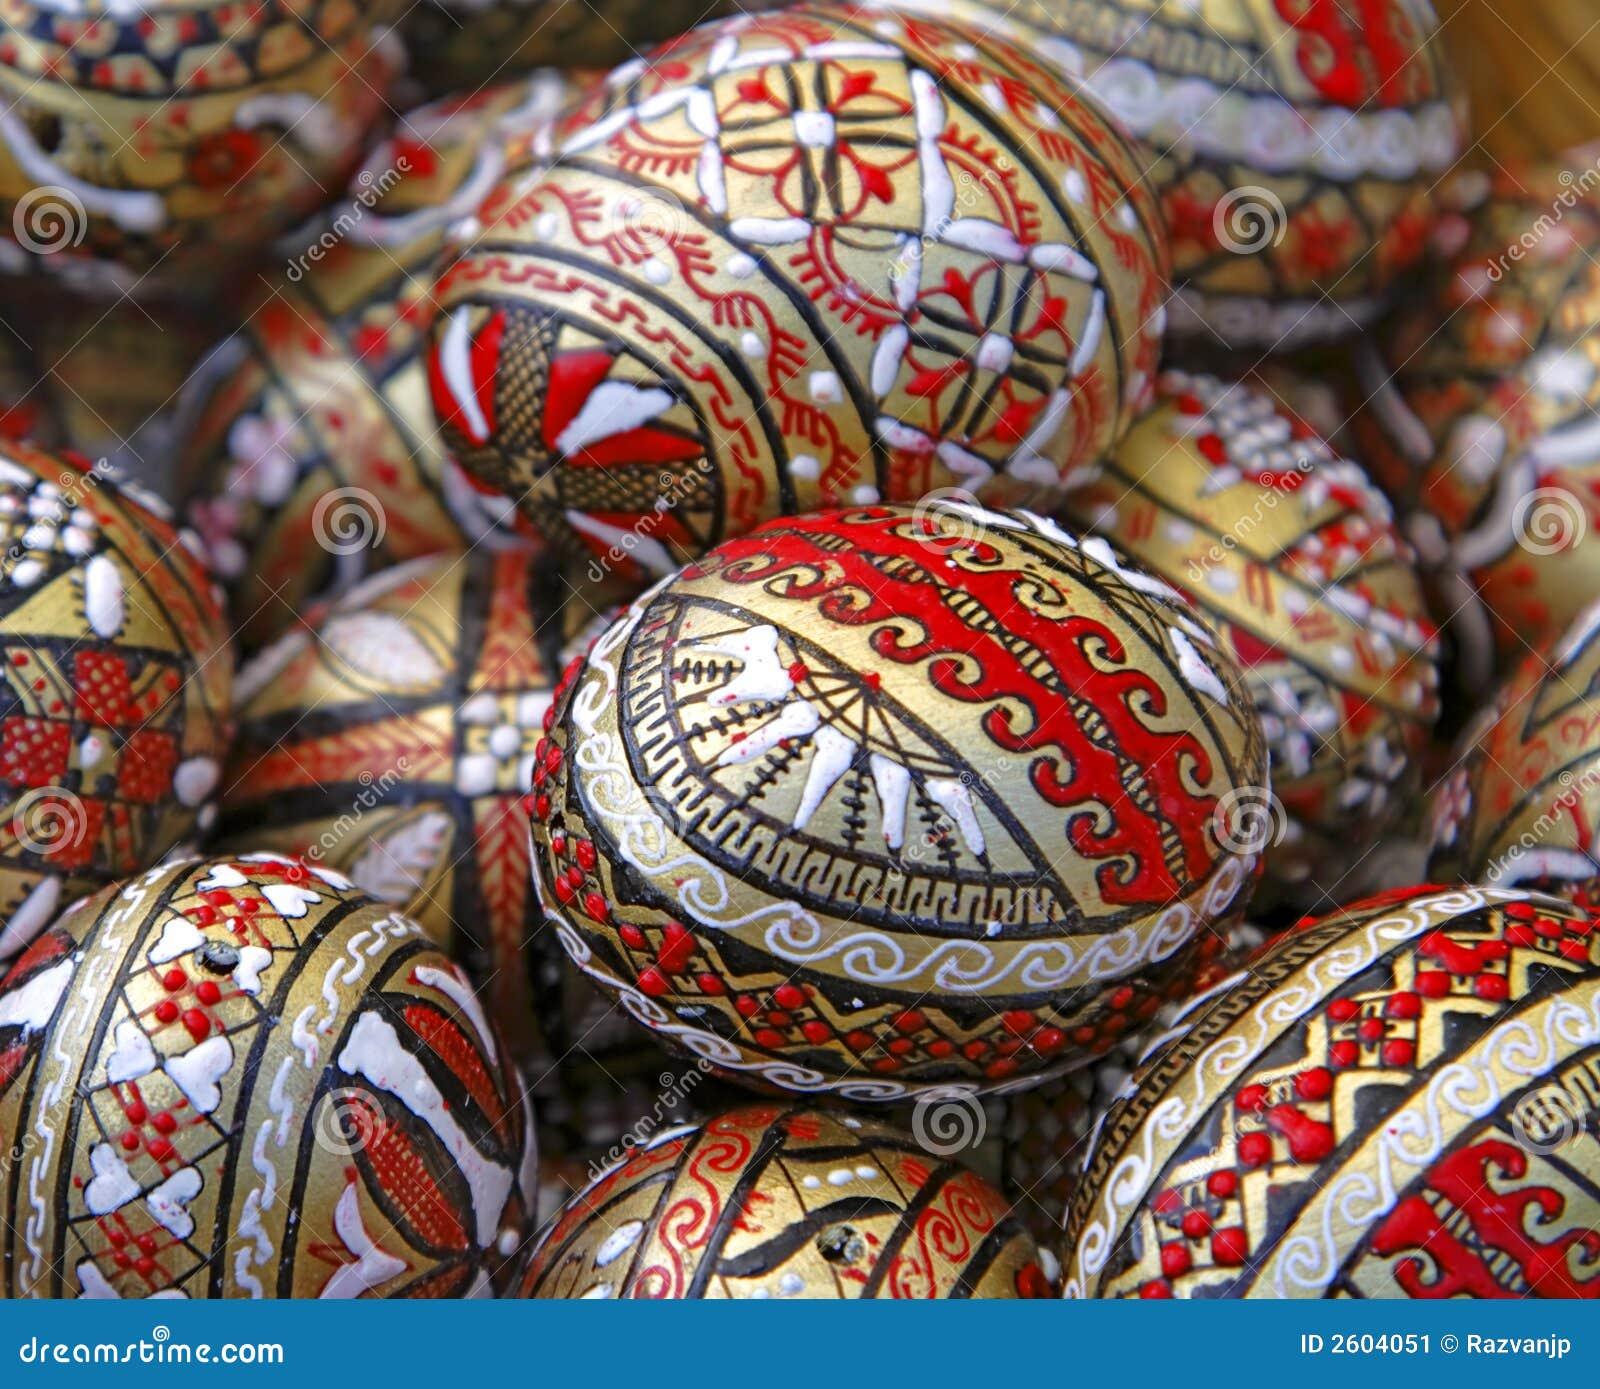 罗马尼亚语的复活节彩蛋